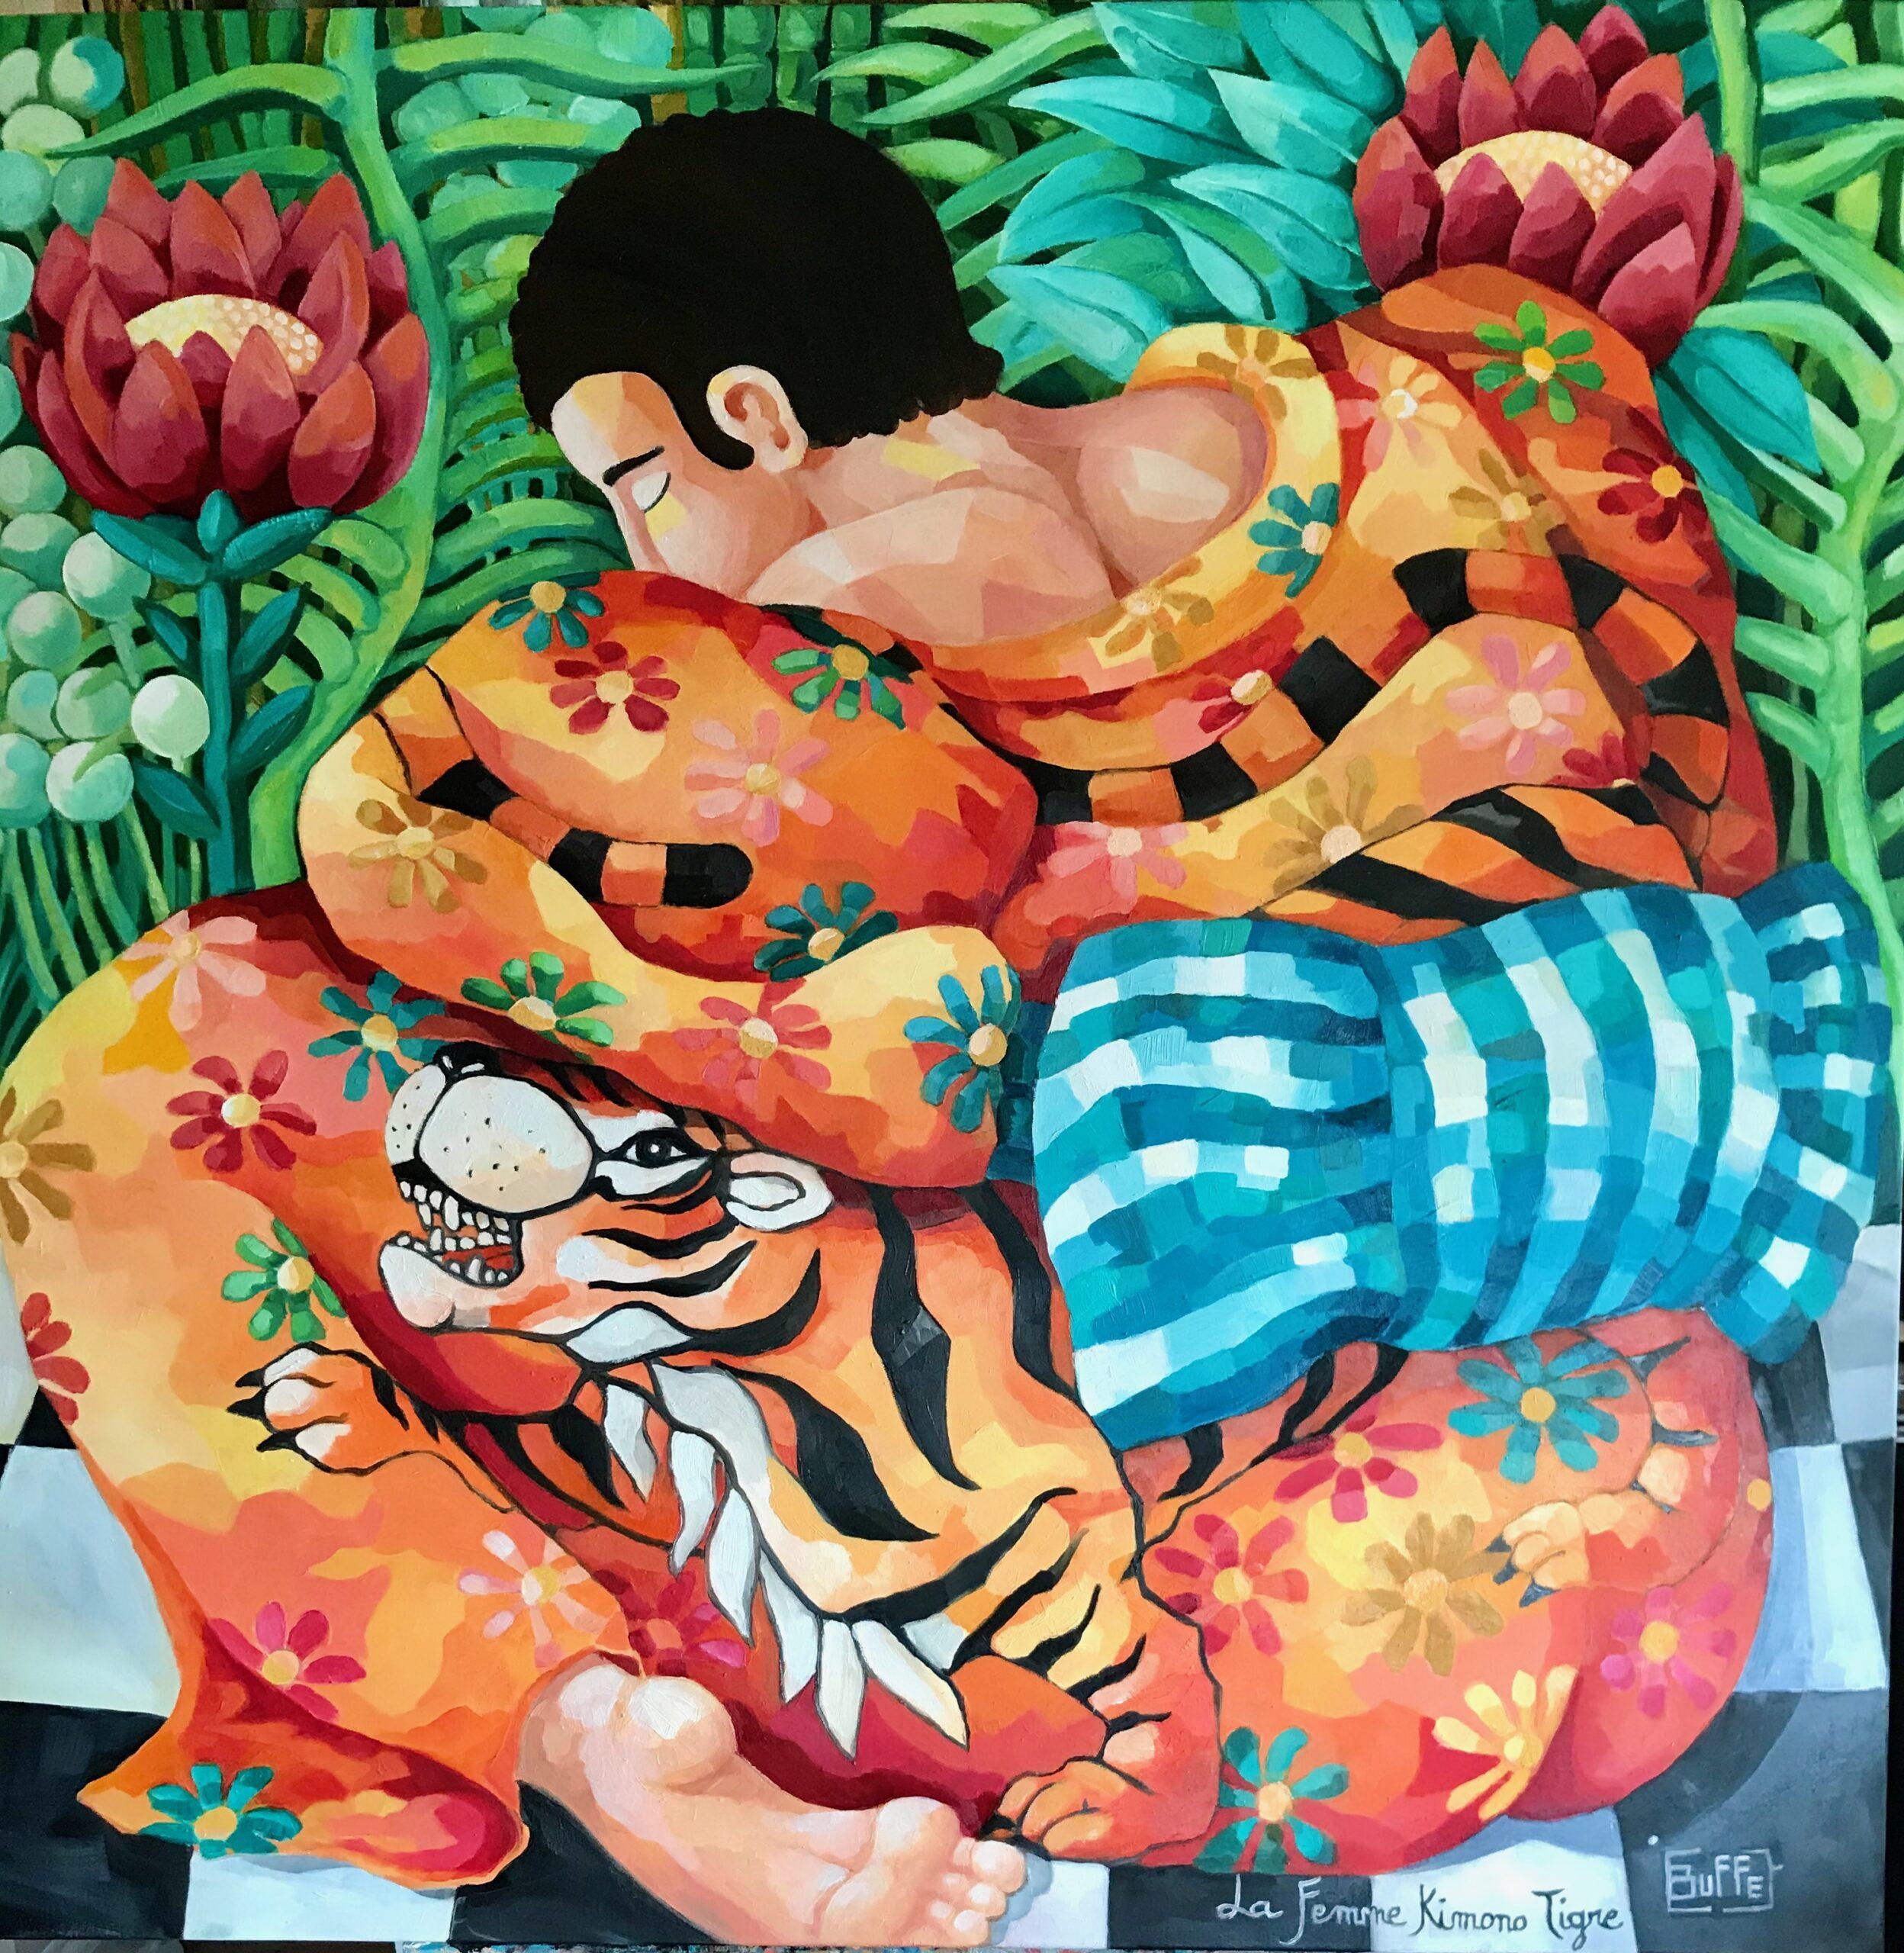 La femme kimono tigre